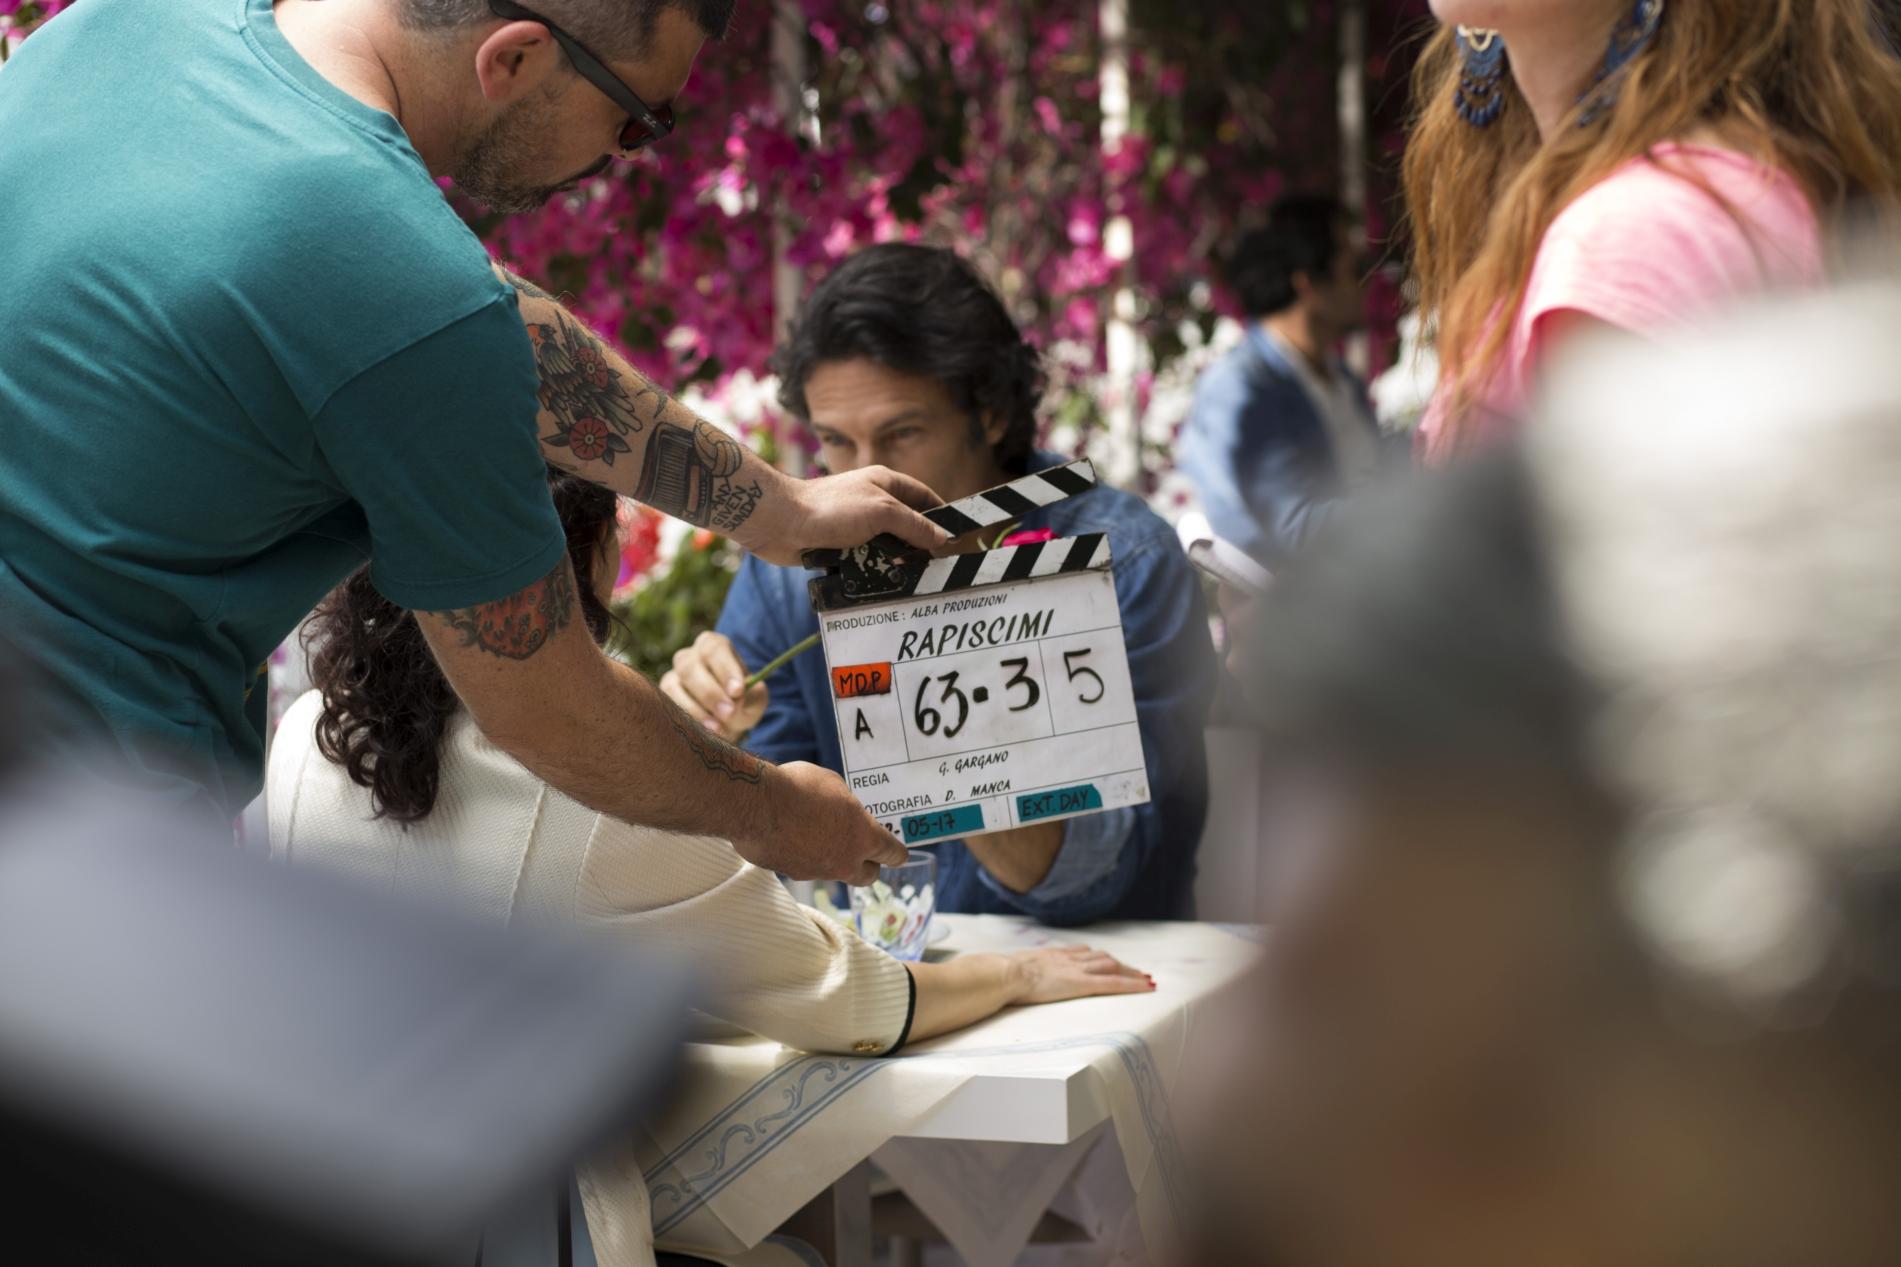 Rapiscimi: un momento sul set del film